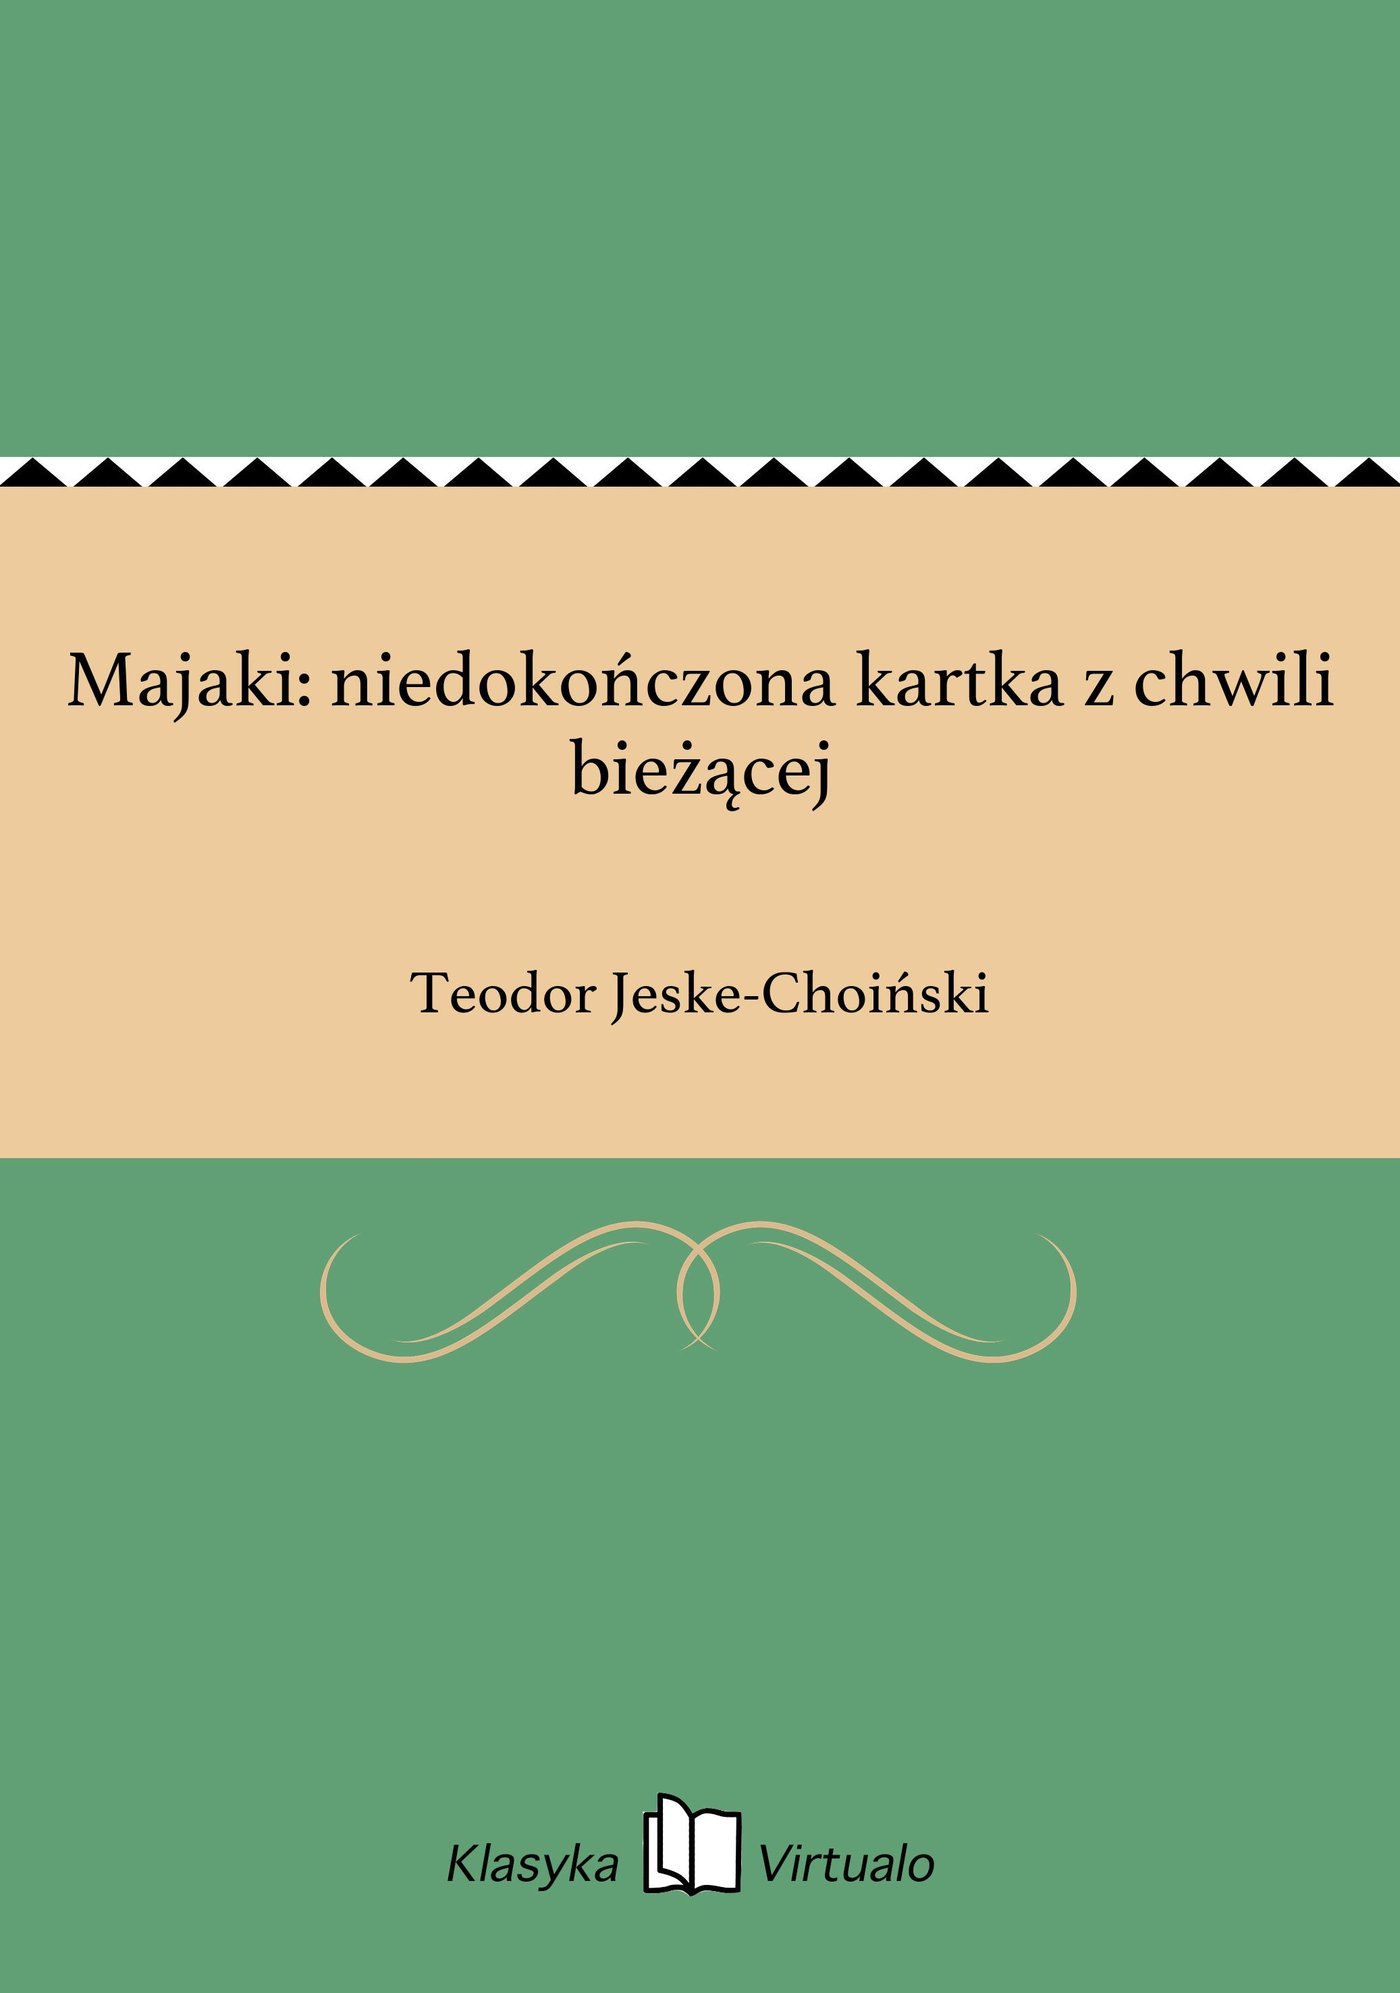 Majaki: niedokończona kartka z chwili bieżącej - Ebook (Książka EPUB) do pobrania w formacie EPUB